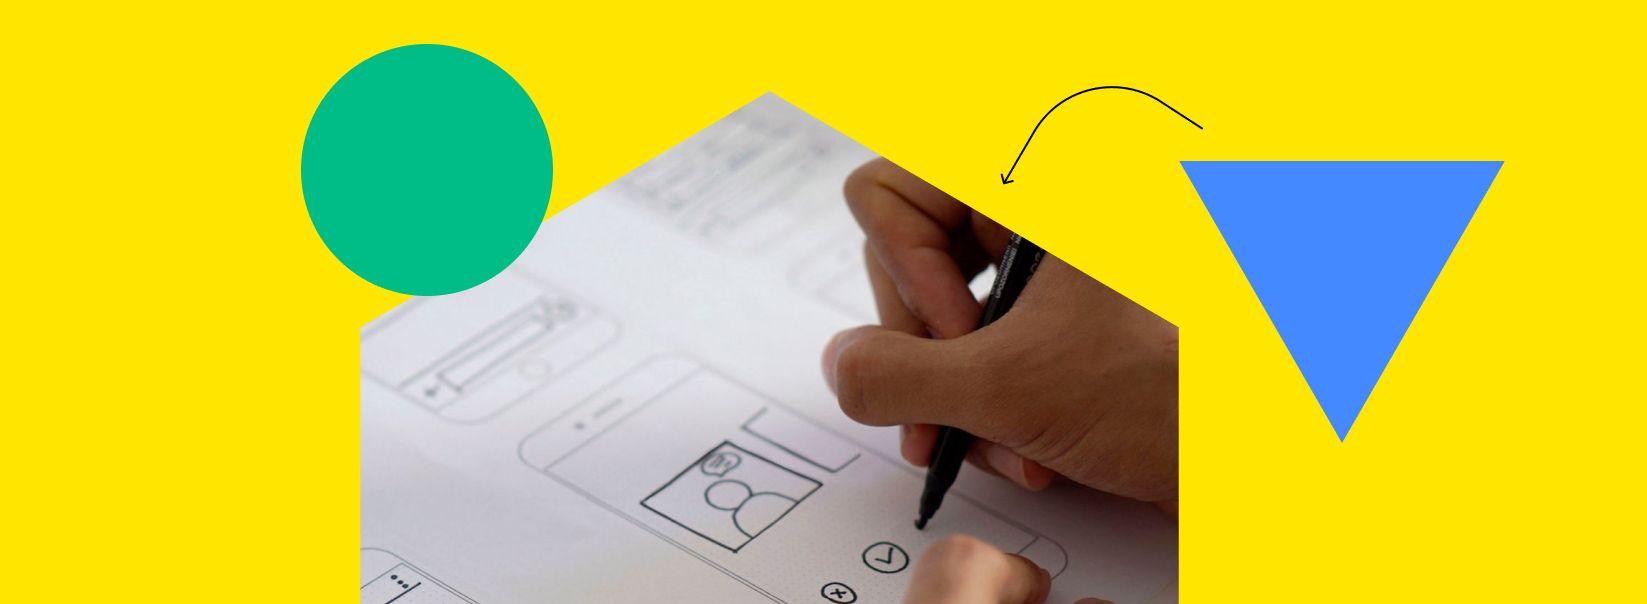 Hľadáme UX dizajnérov